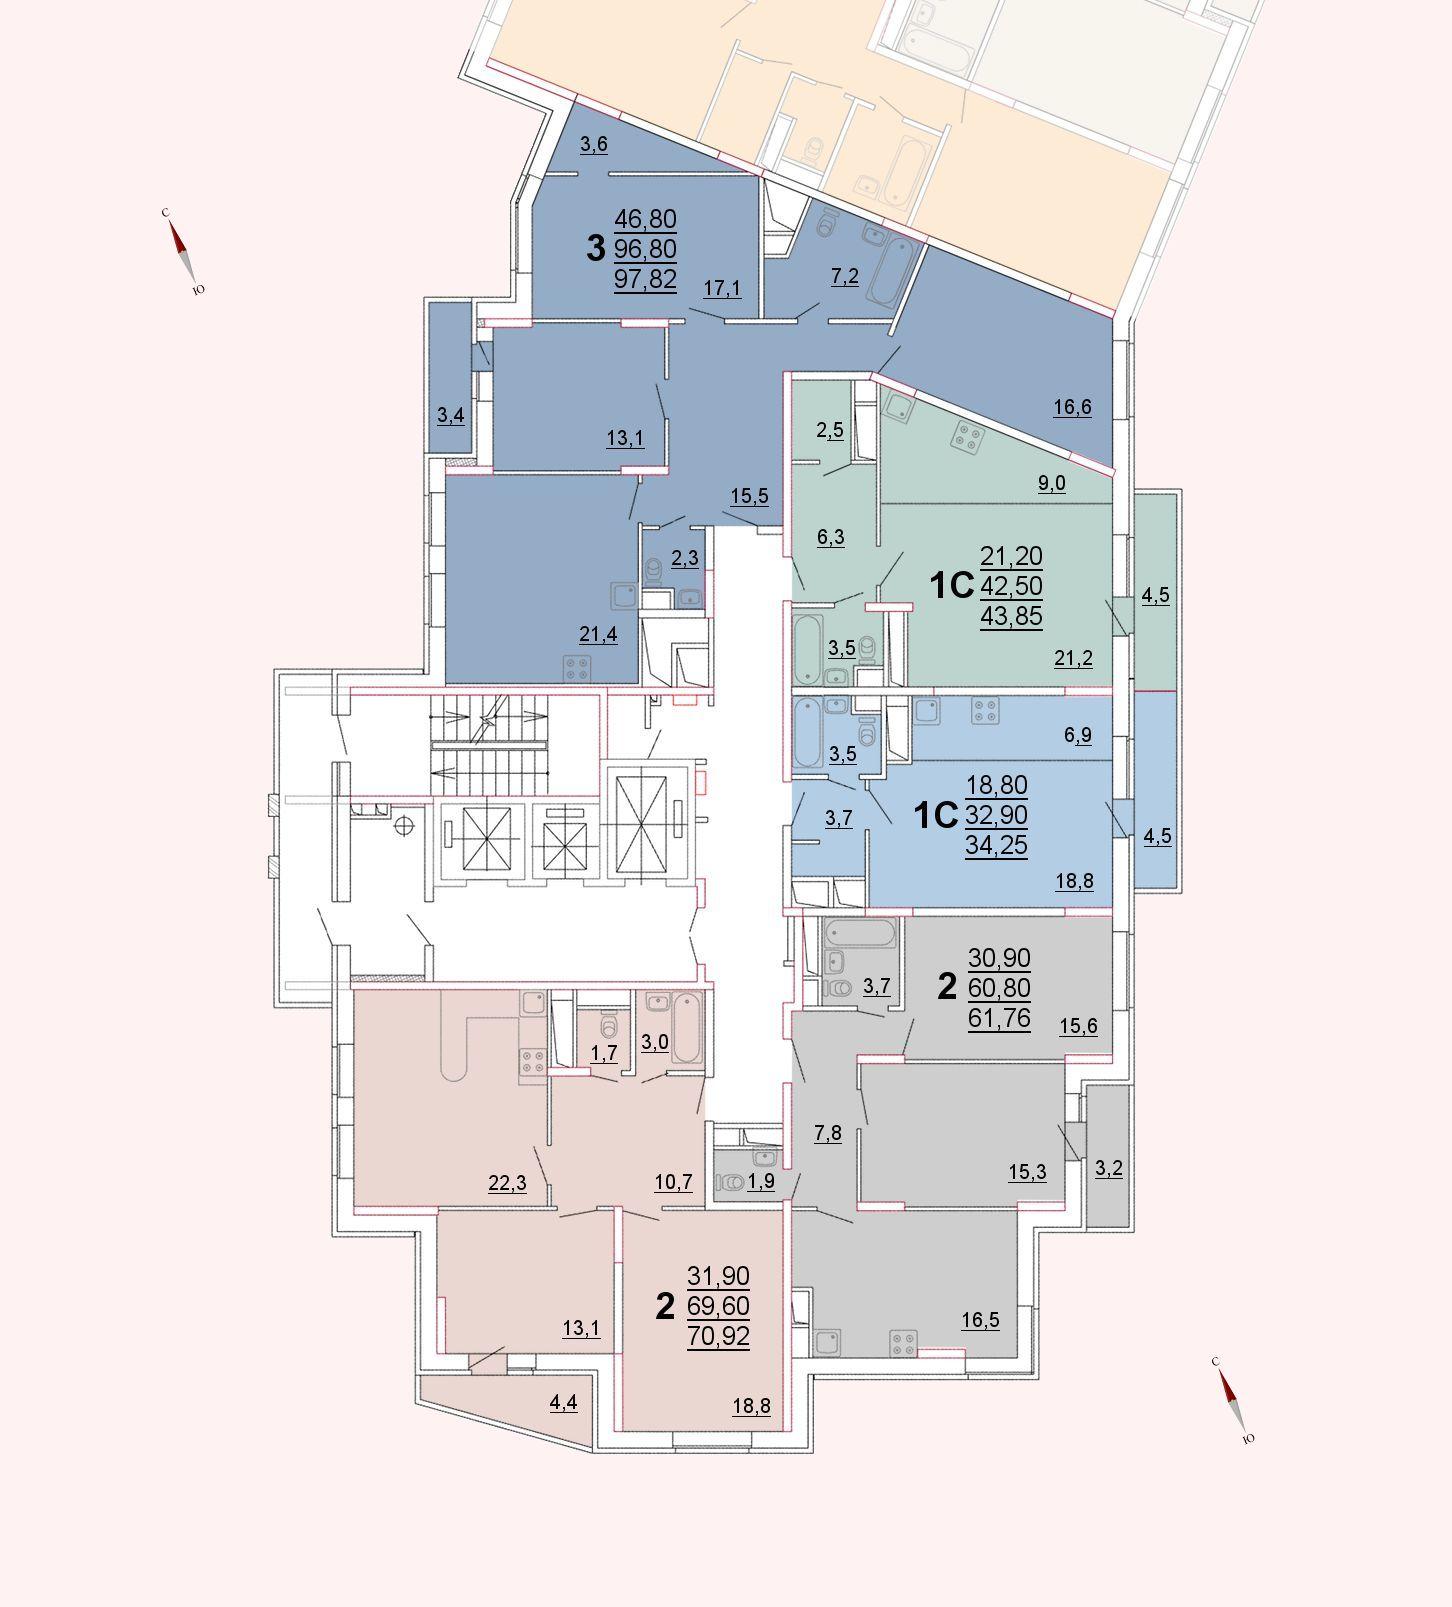 Микрорайон «Центральный», корпус 52а, секция 1, этажи 6-9